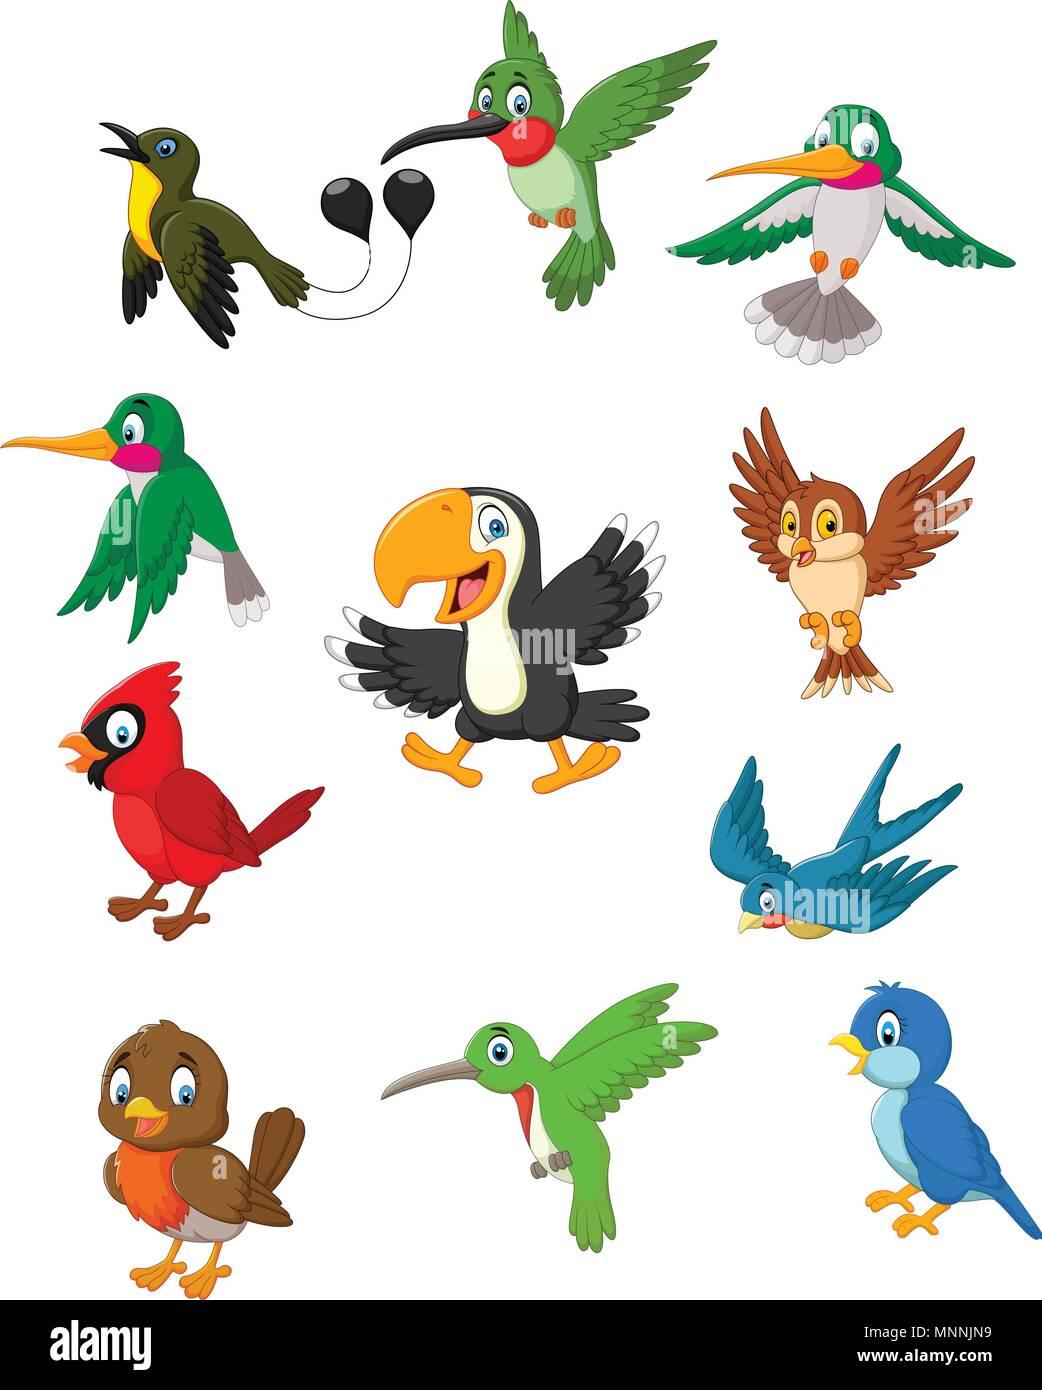 Conjunto De Colección De Pájaros De Dibujos Animados Ilustración Del